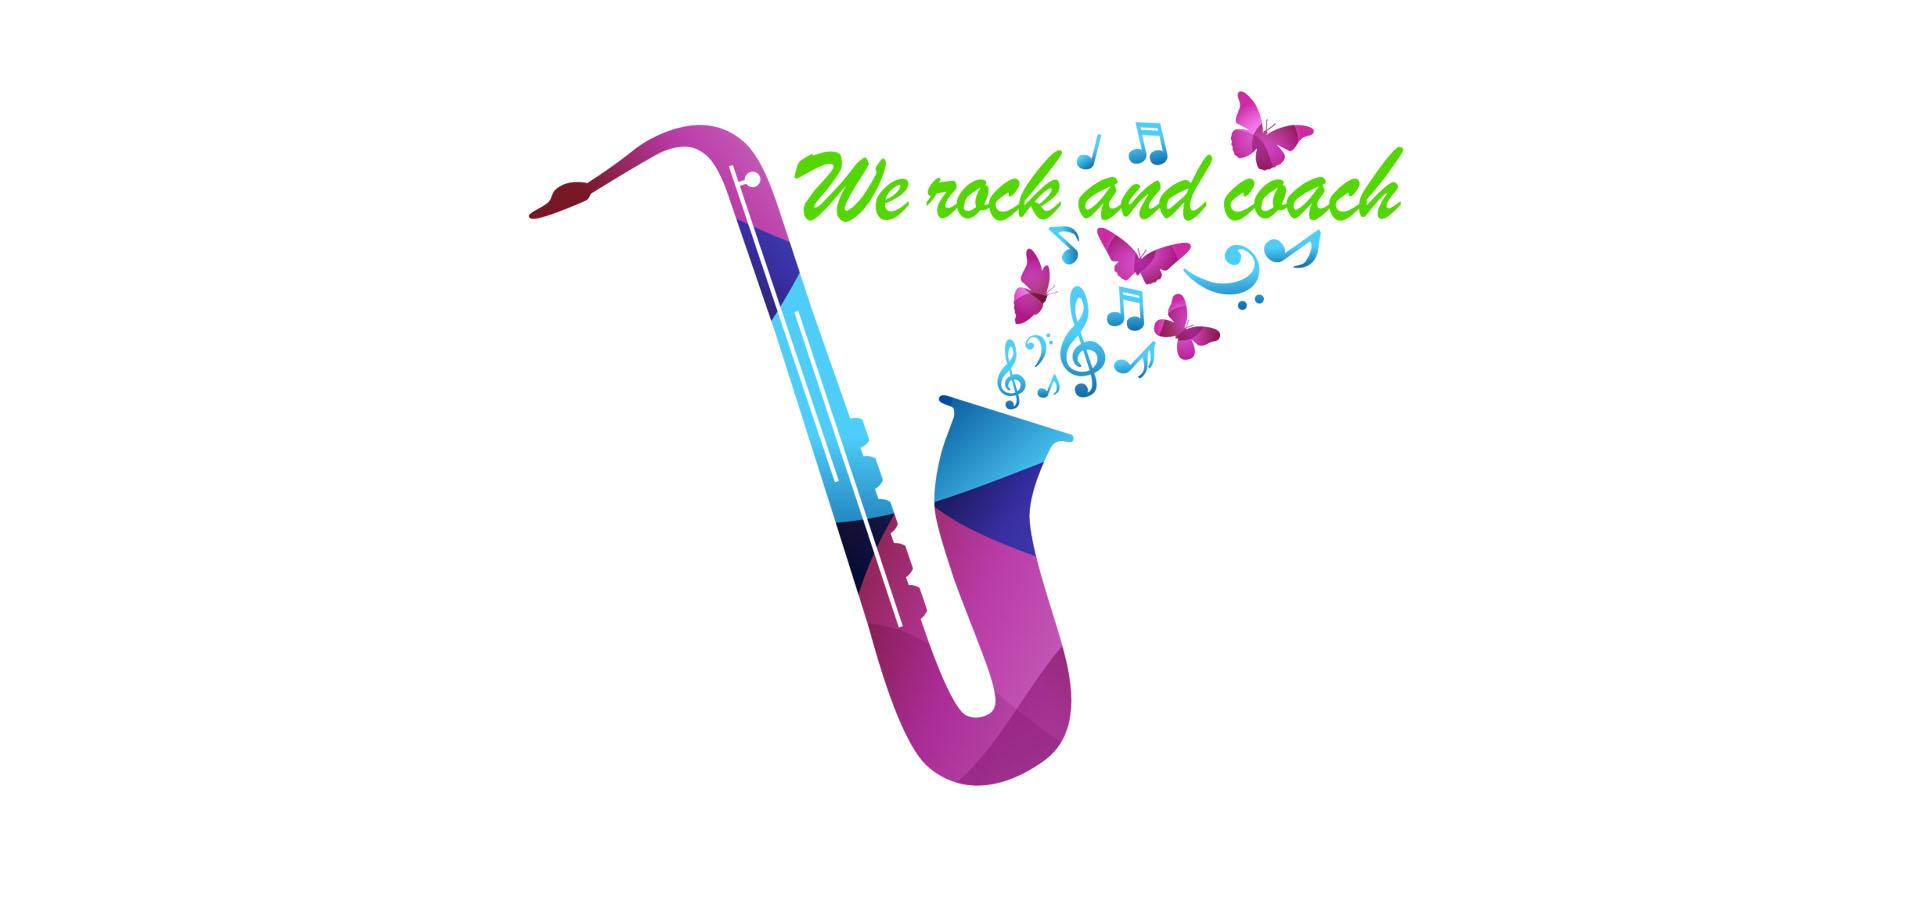 Diseño Logotipo We Rock and Coach